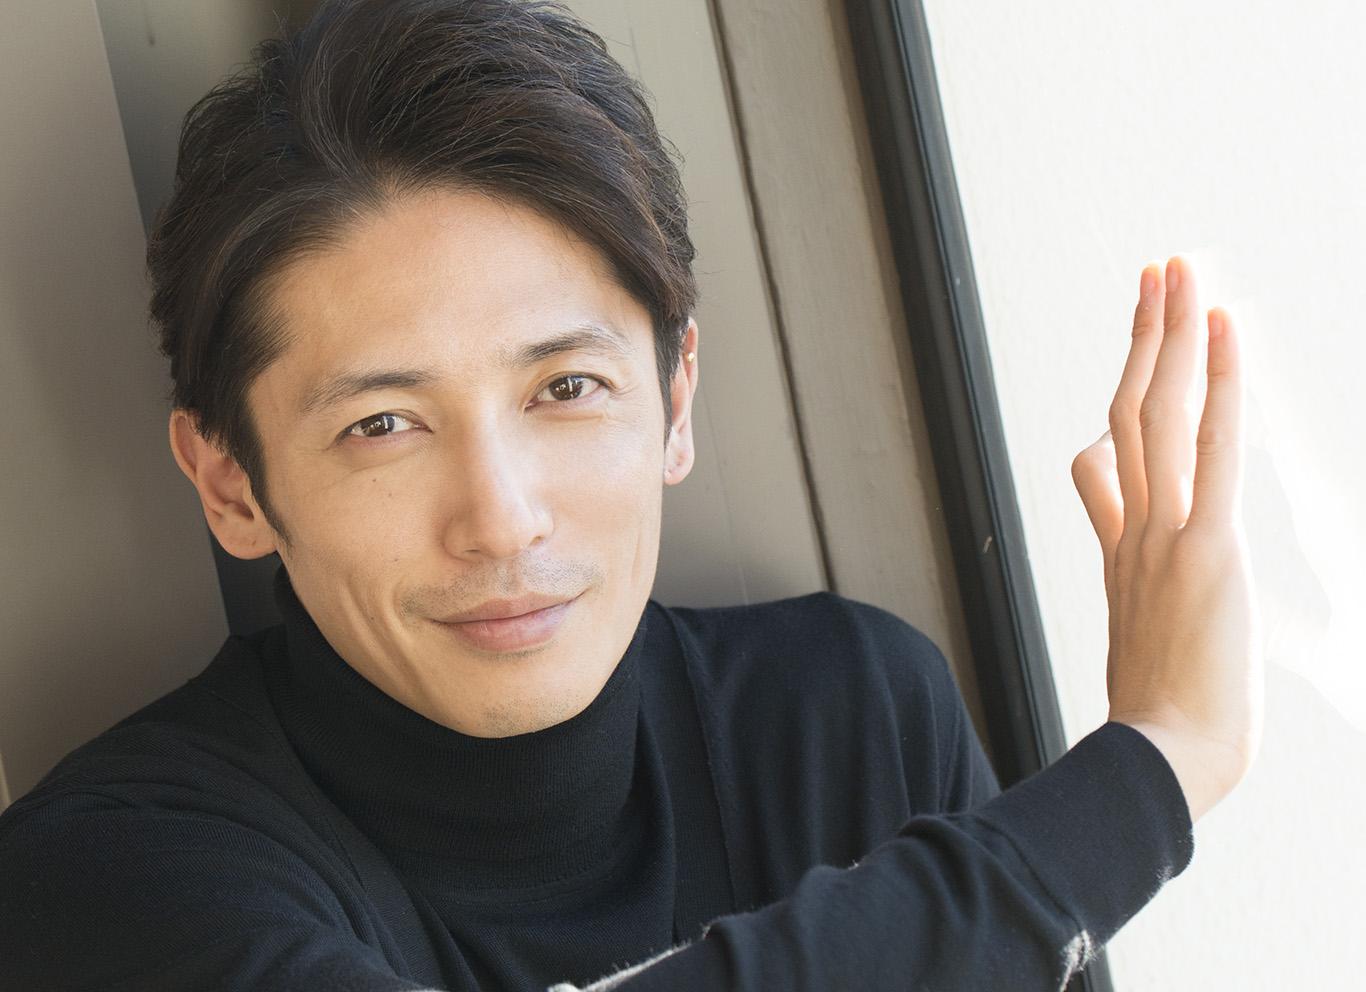 「メイクはむしろなくていい。美化しようとも思わない」玉木 宏、40代を目前に見つめる俳優像